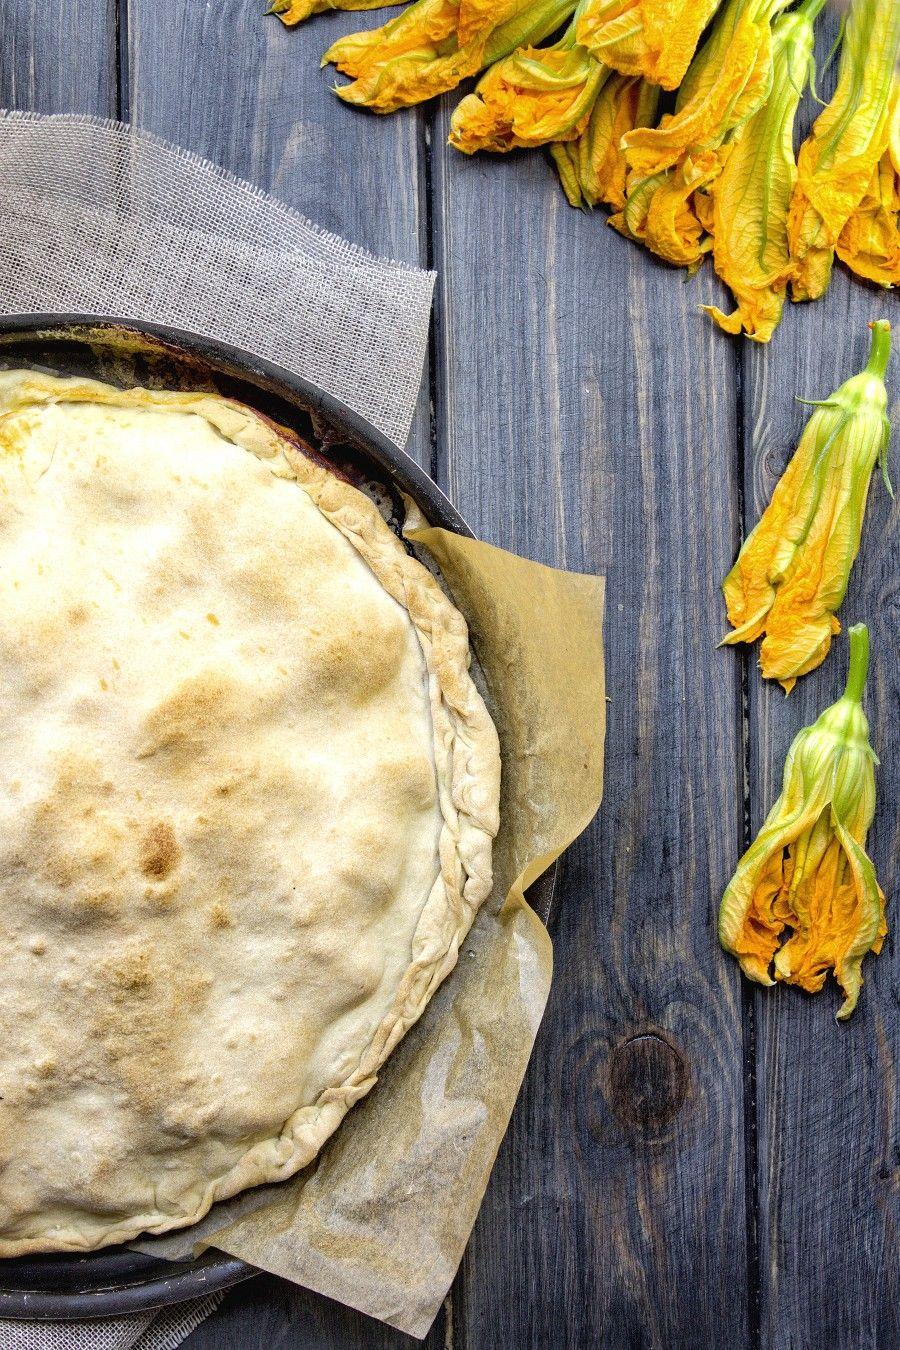 torta-salata-fiori-di-zucchine-piatto-unico-contemporaneo-food